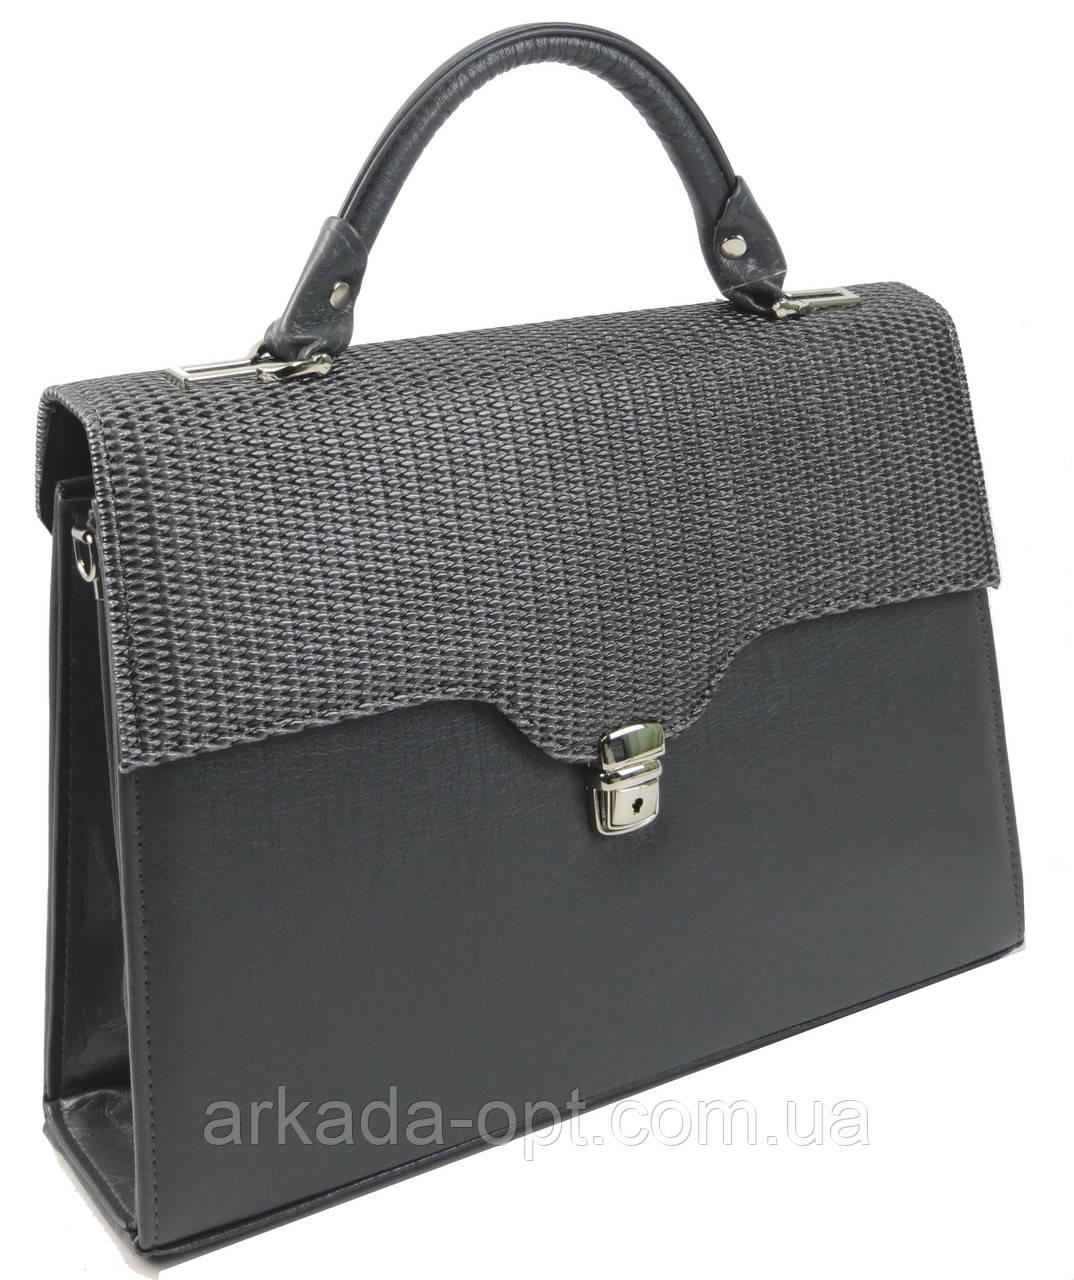 Женская сумка-портфель из искусственной кожи Arwena Серый (P0588F118 grey)